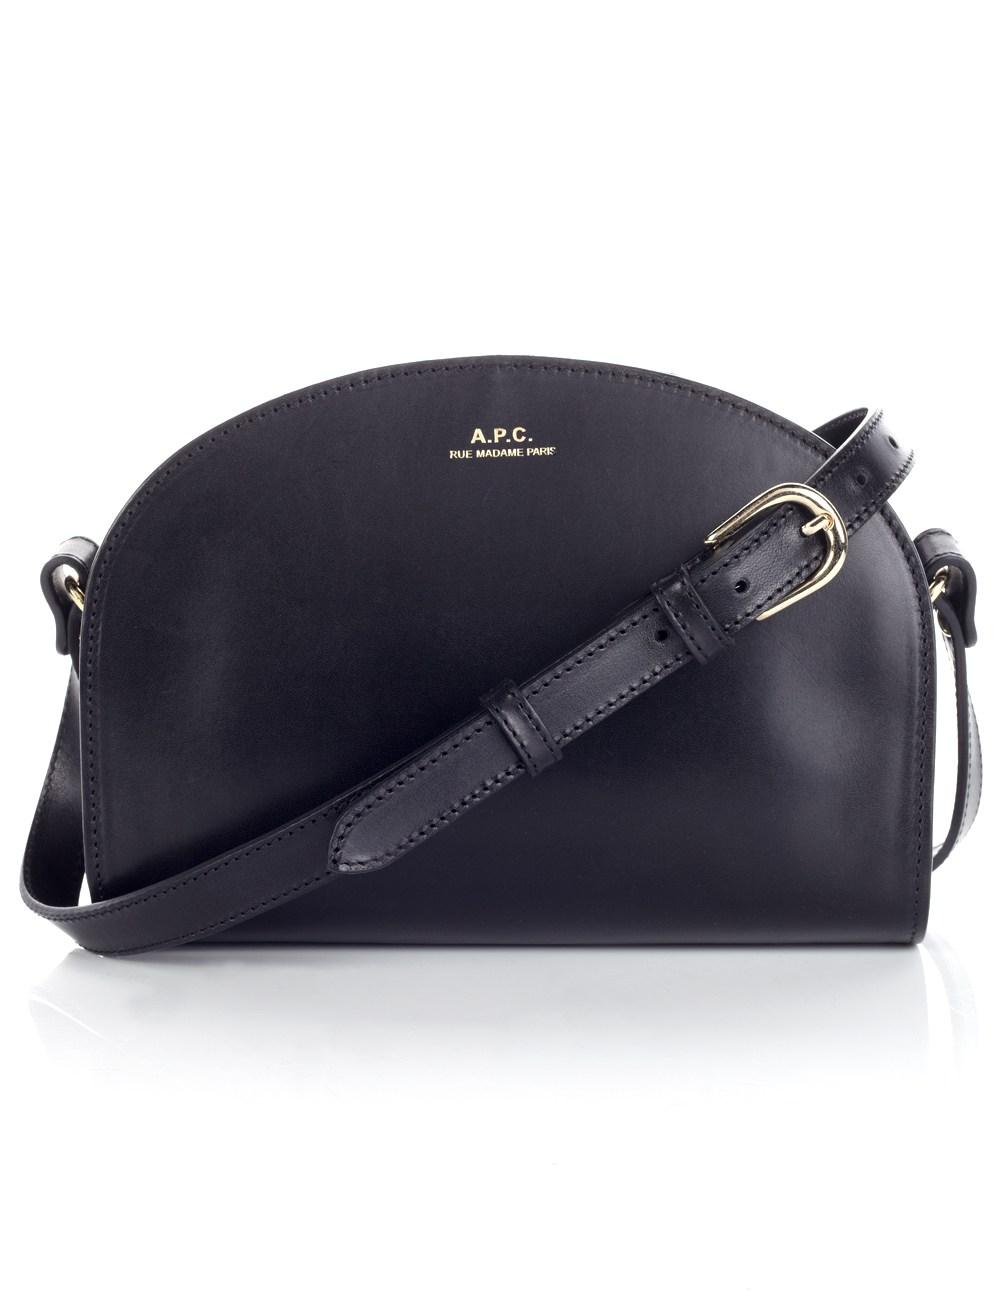 a p c black leather half moon bag in black lyst. Black Bedroom Furniture Sets. Home Design Ideas